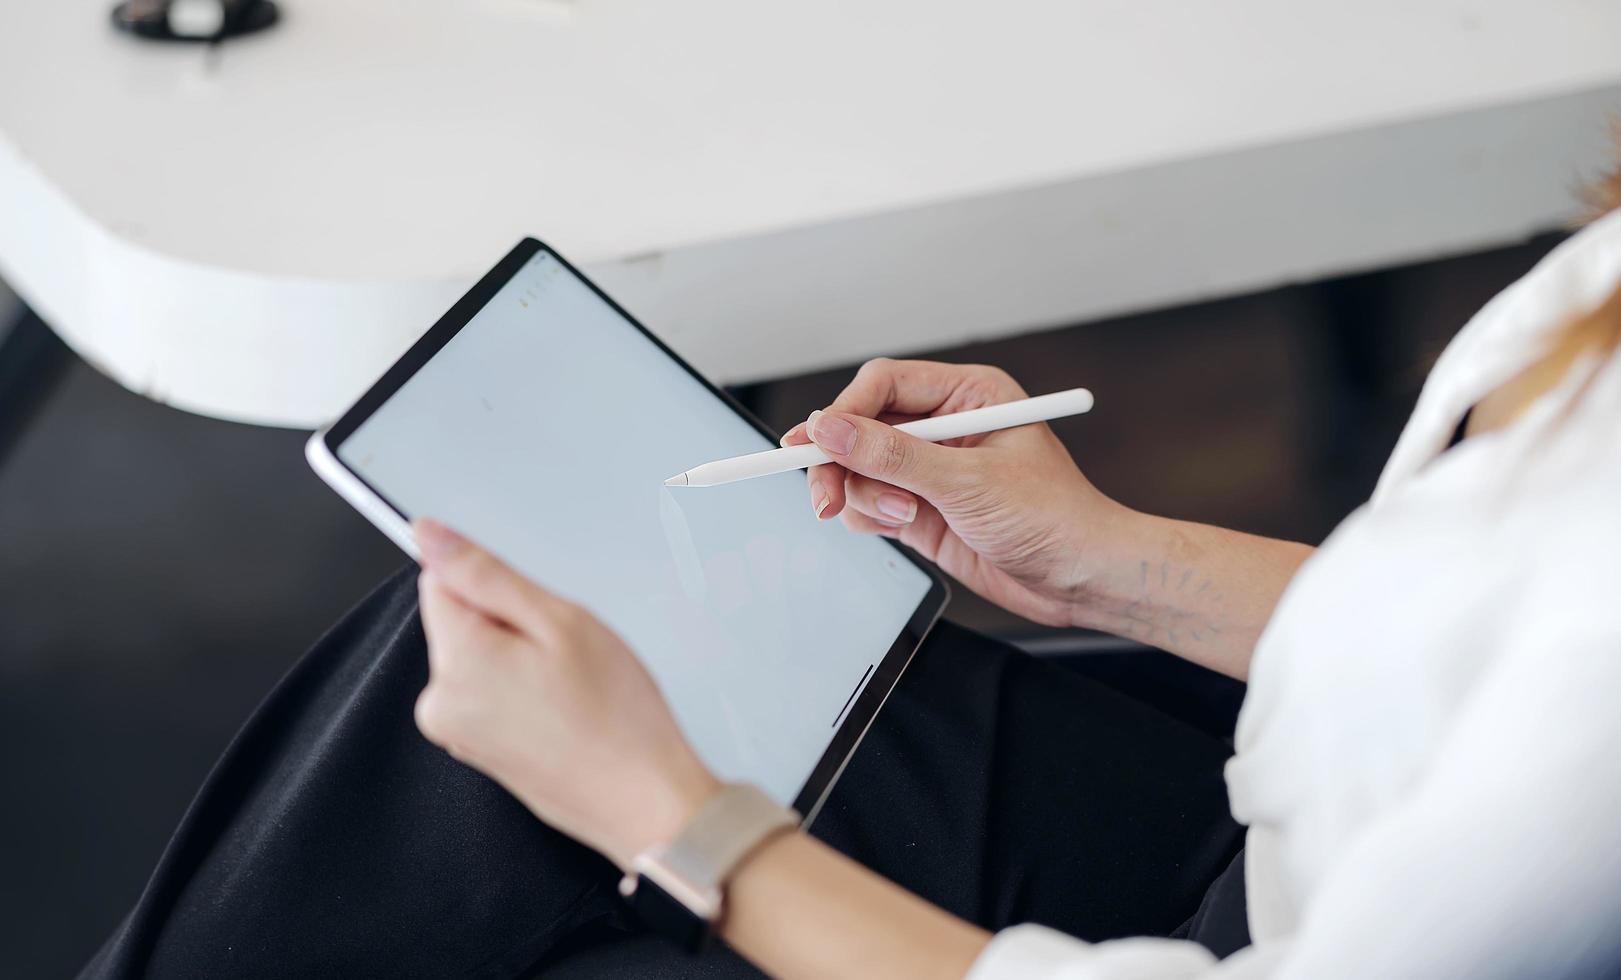 mano femminile scrivendo sul tablet foto